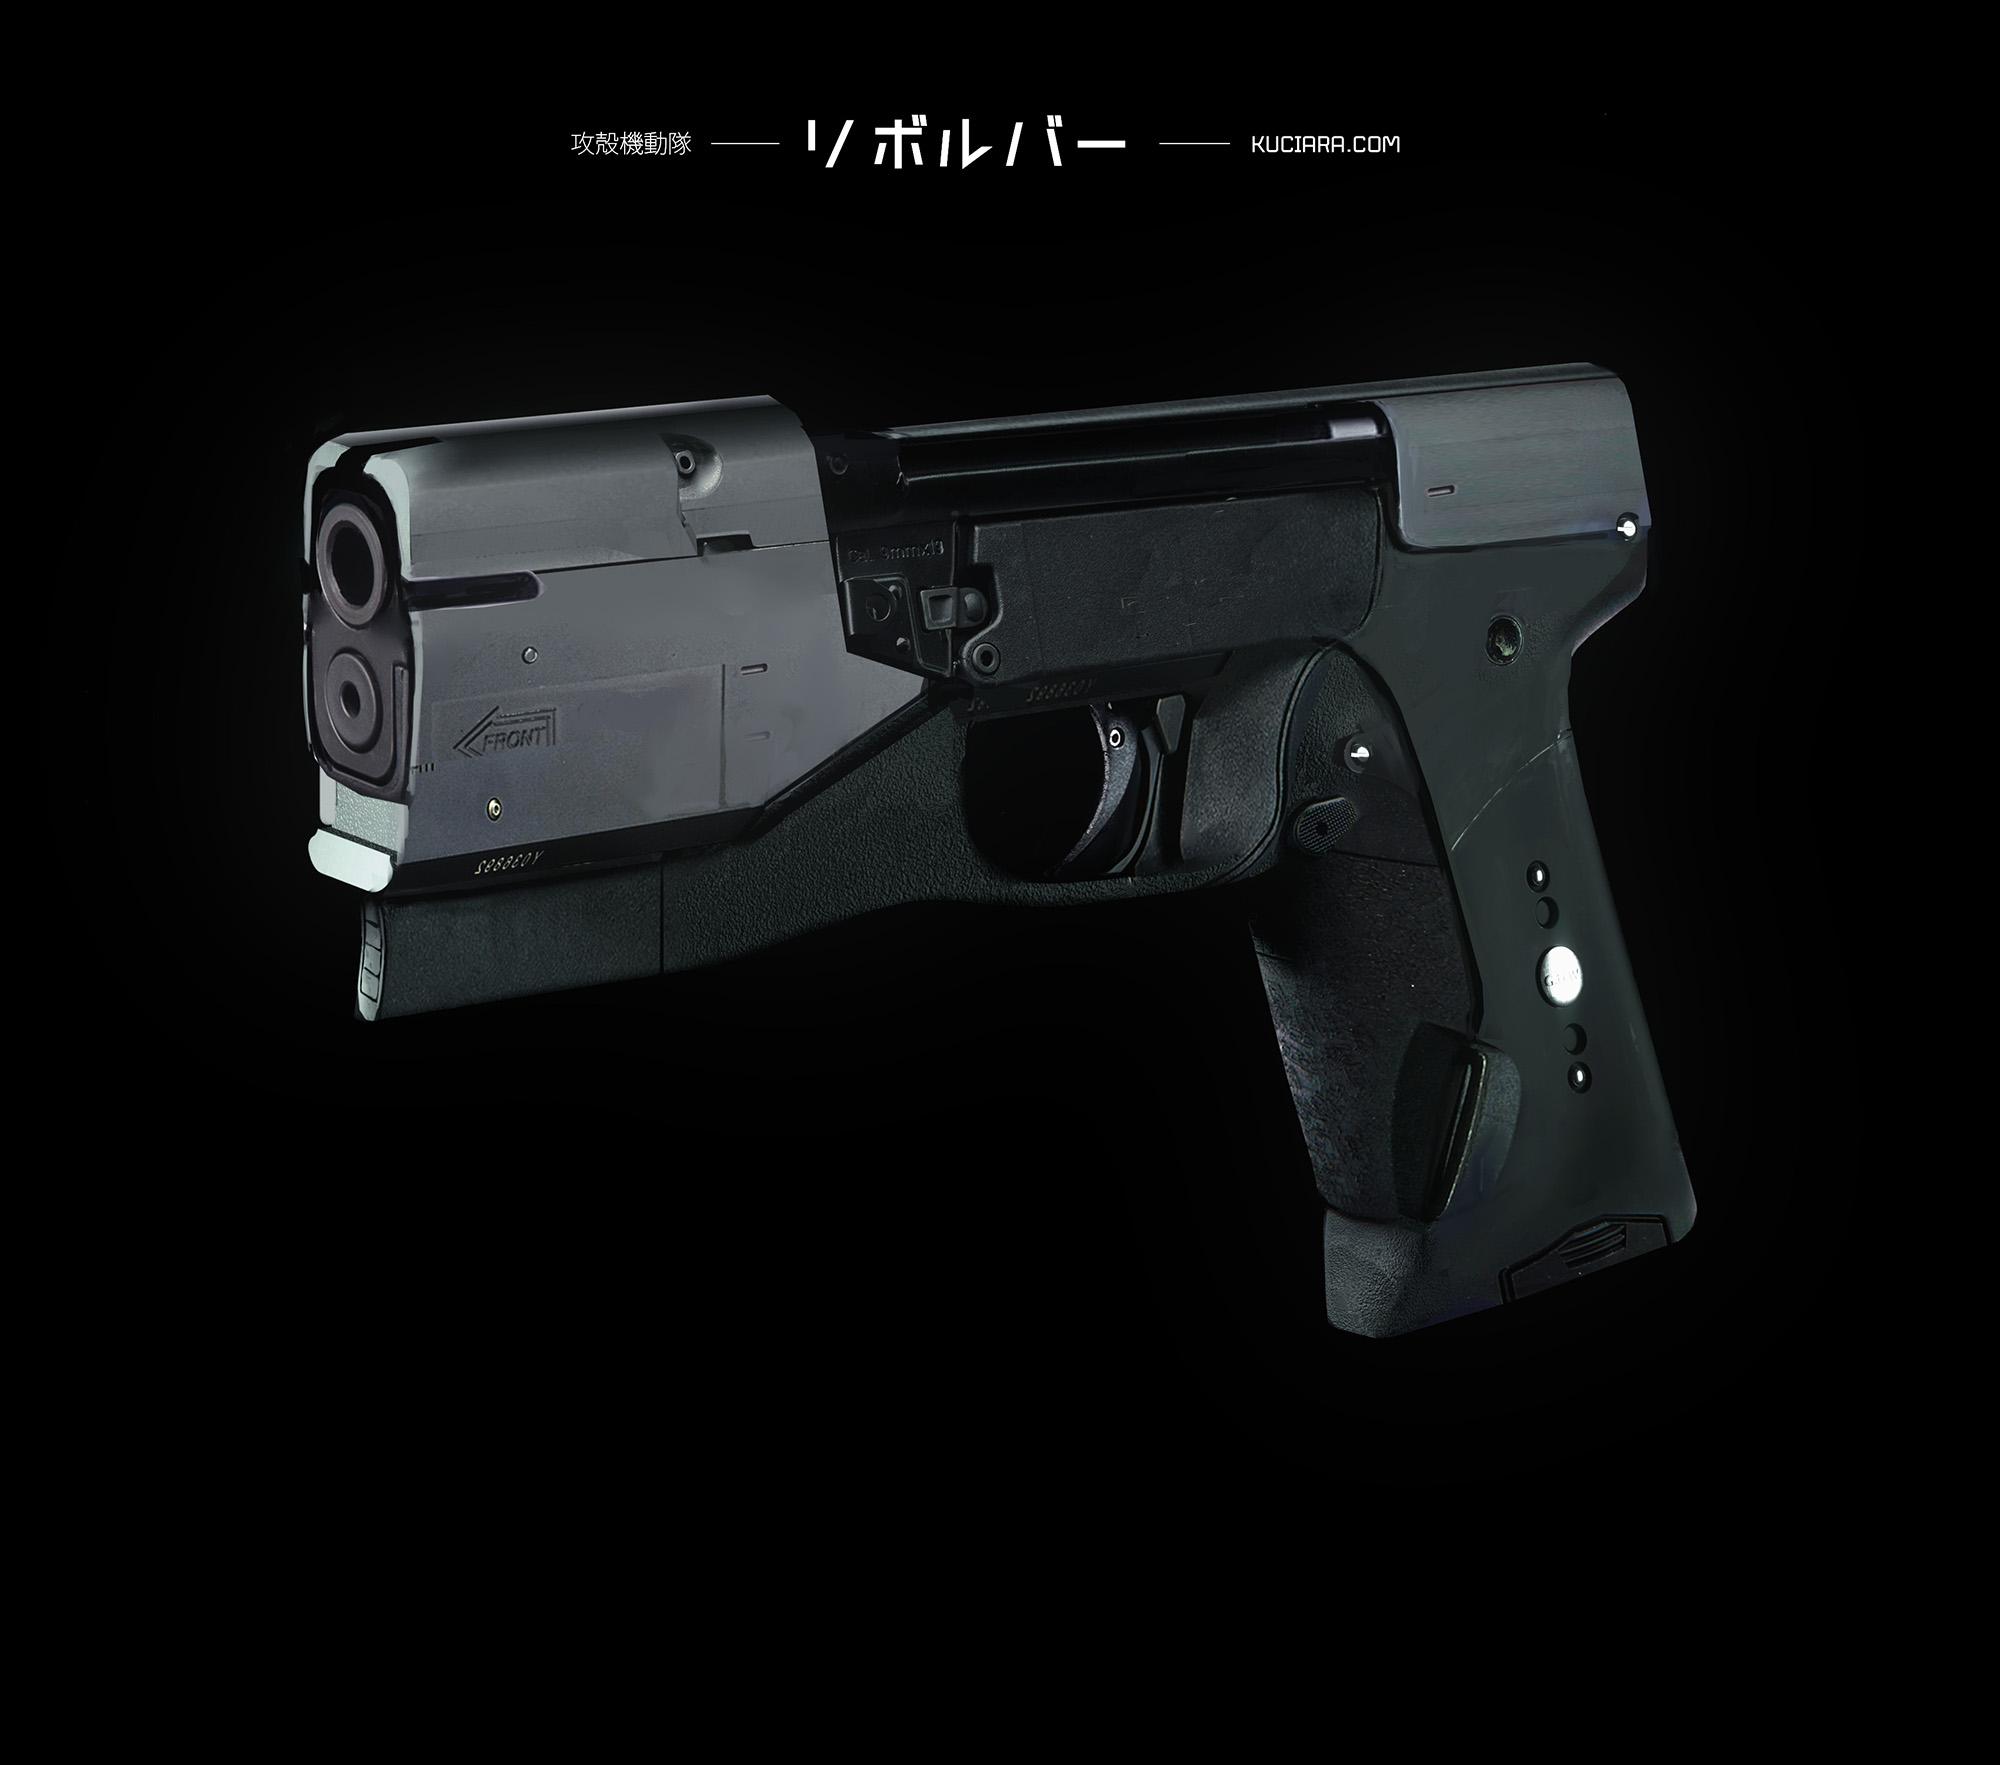 092115_WPN_Major_Pistol_MK_v001B.jpg